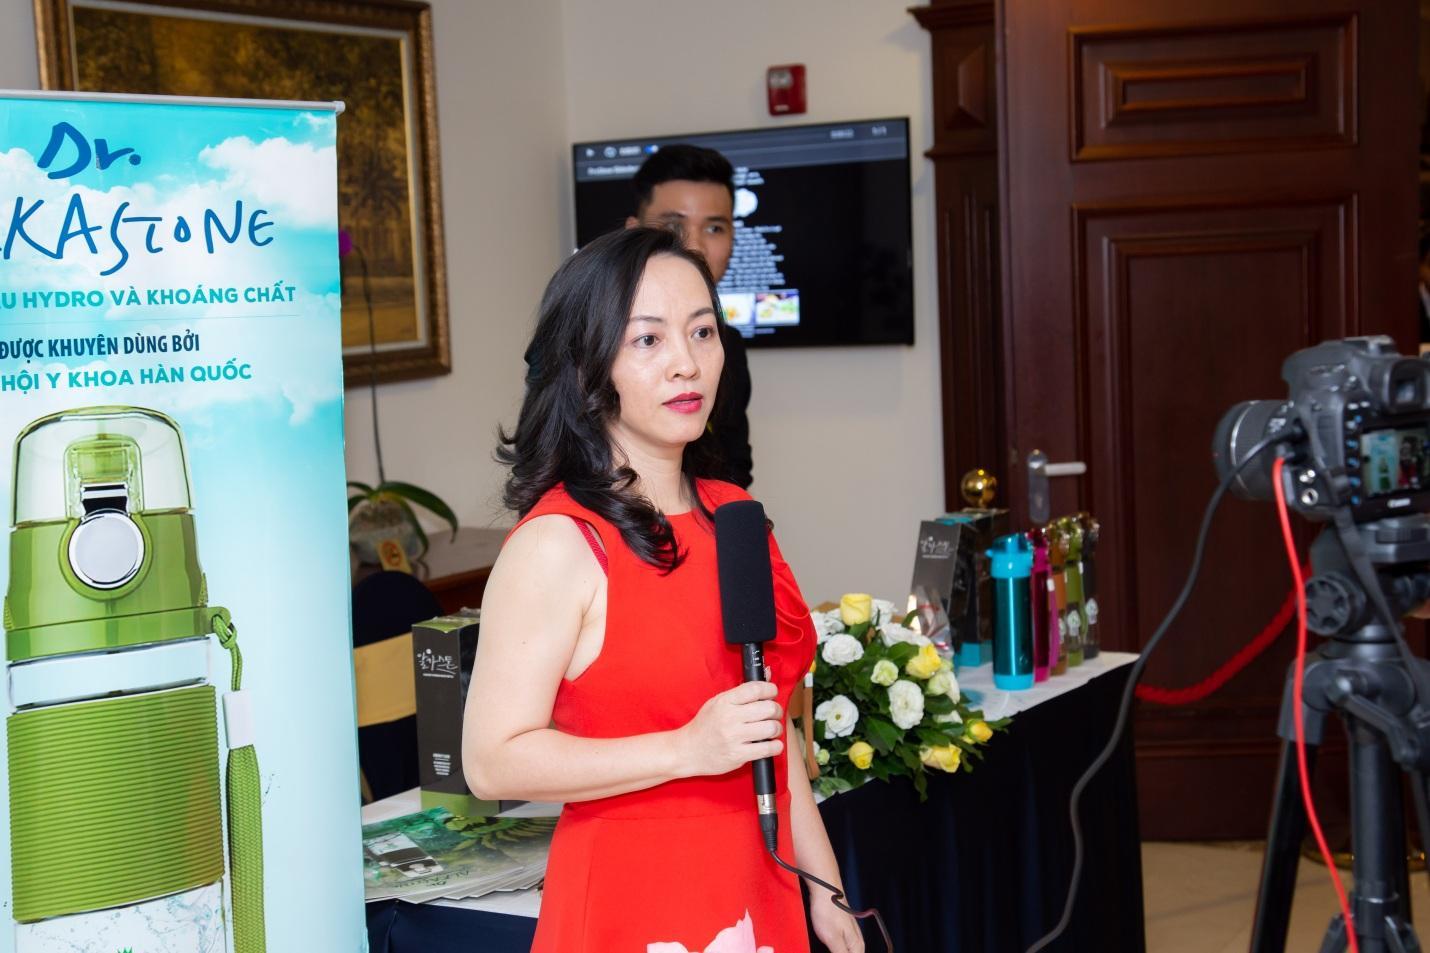 Thương hiệu Dr Alka Stone đồng hành cùng 'Nghệ sỹ và doanh nhân mừng xuân 2019' - Ảnh 2